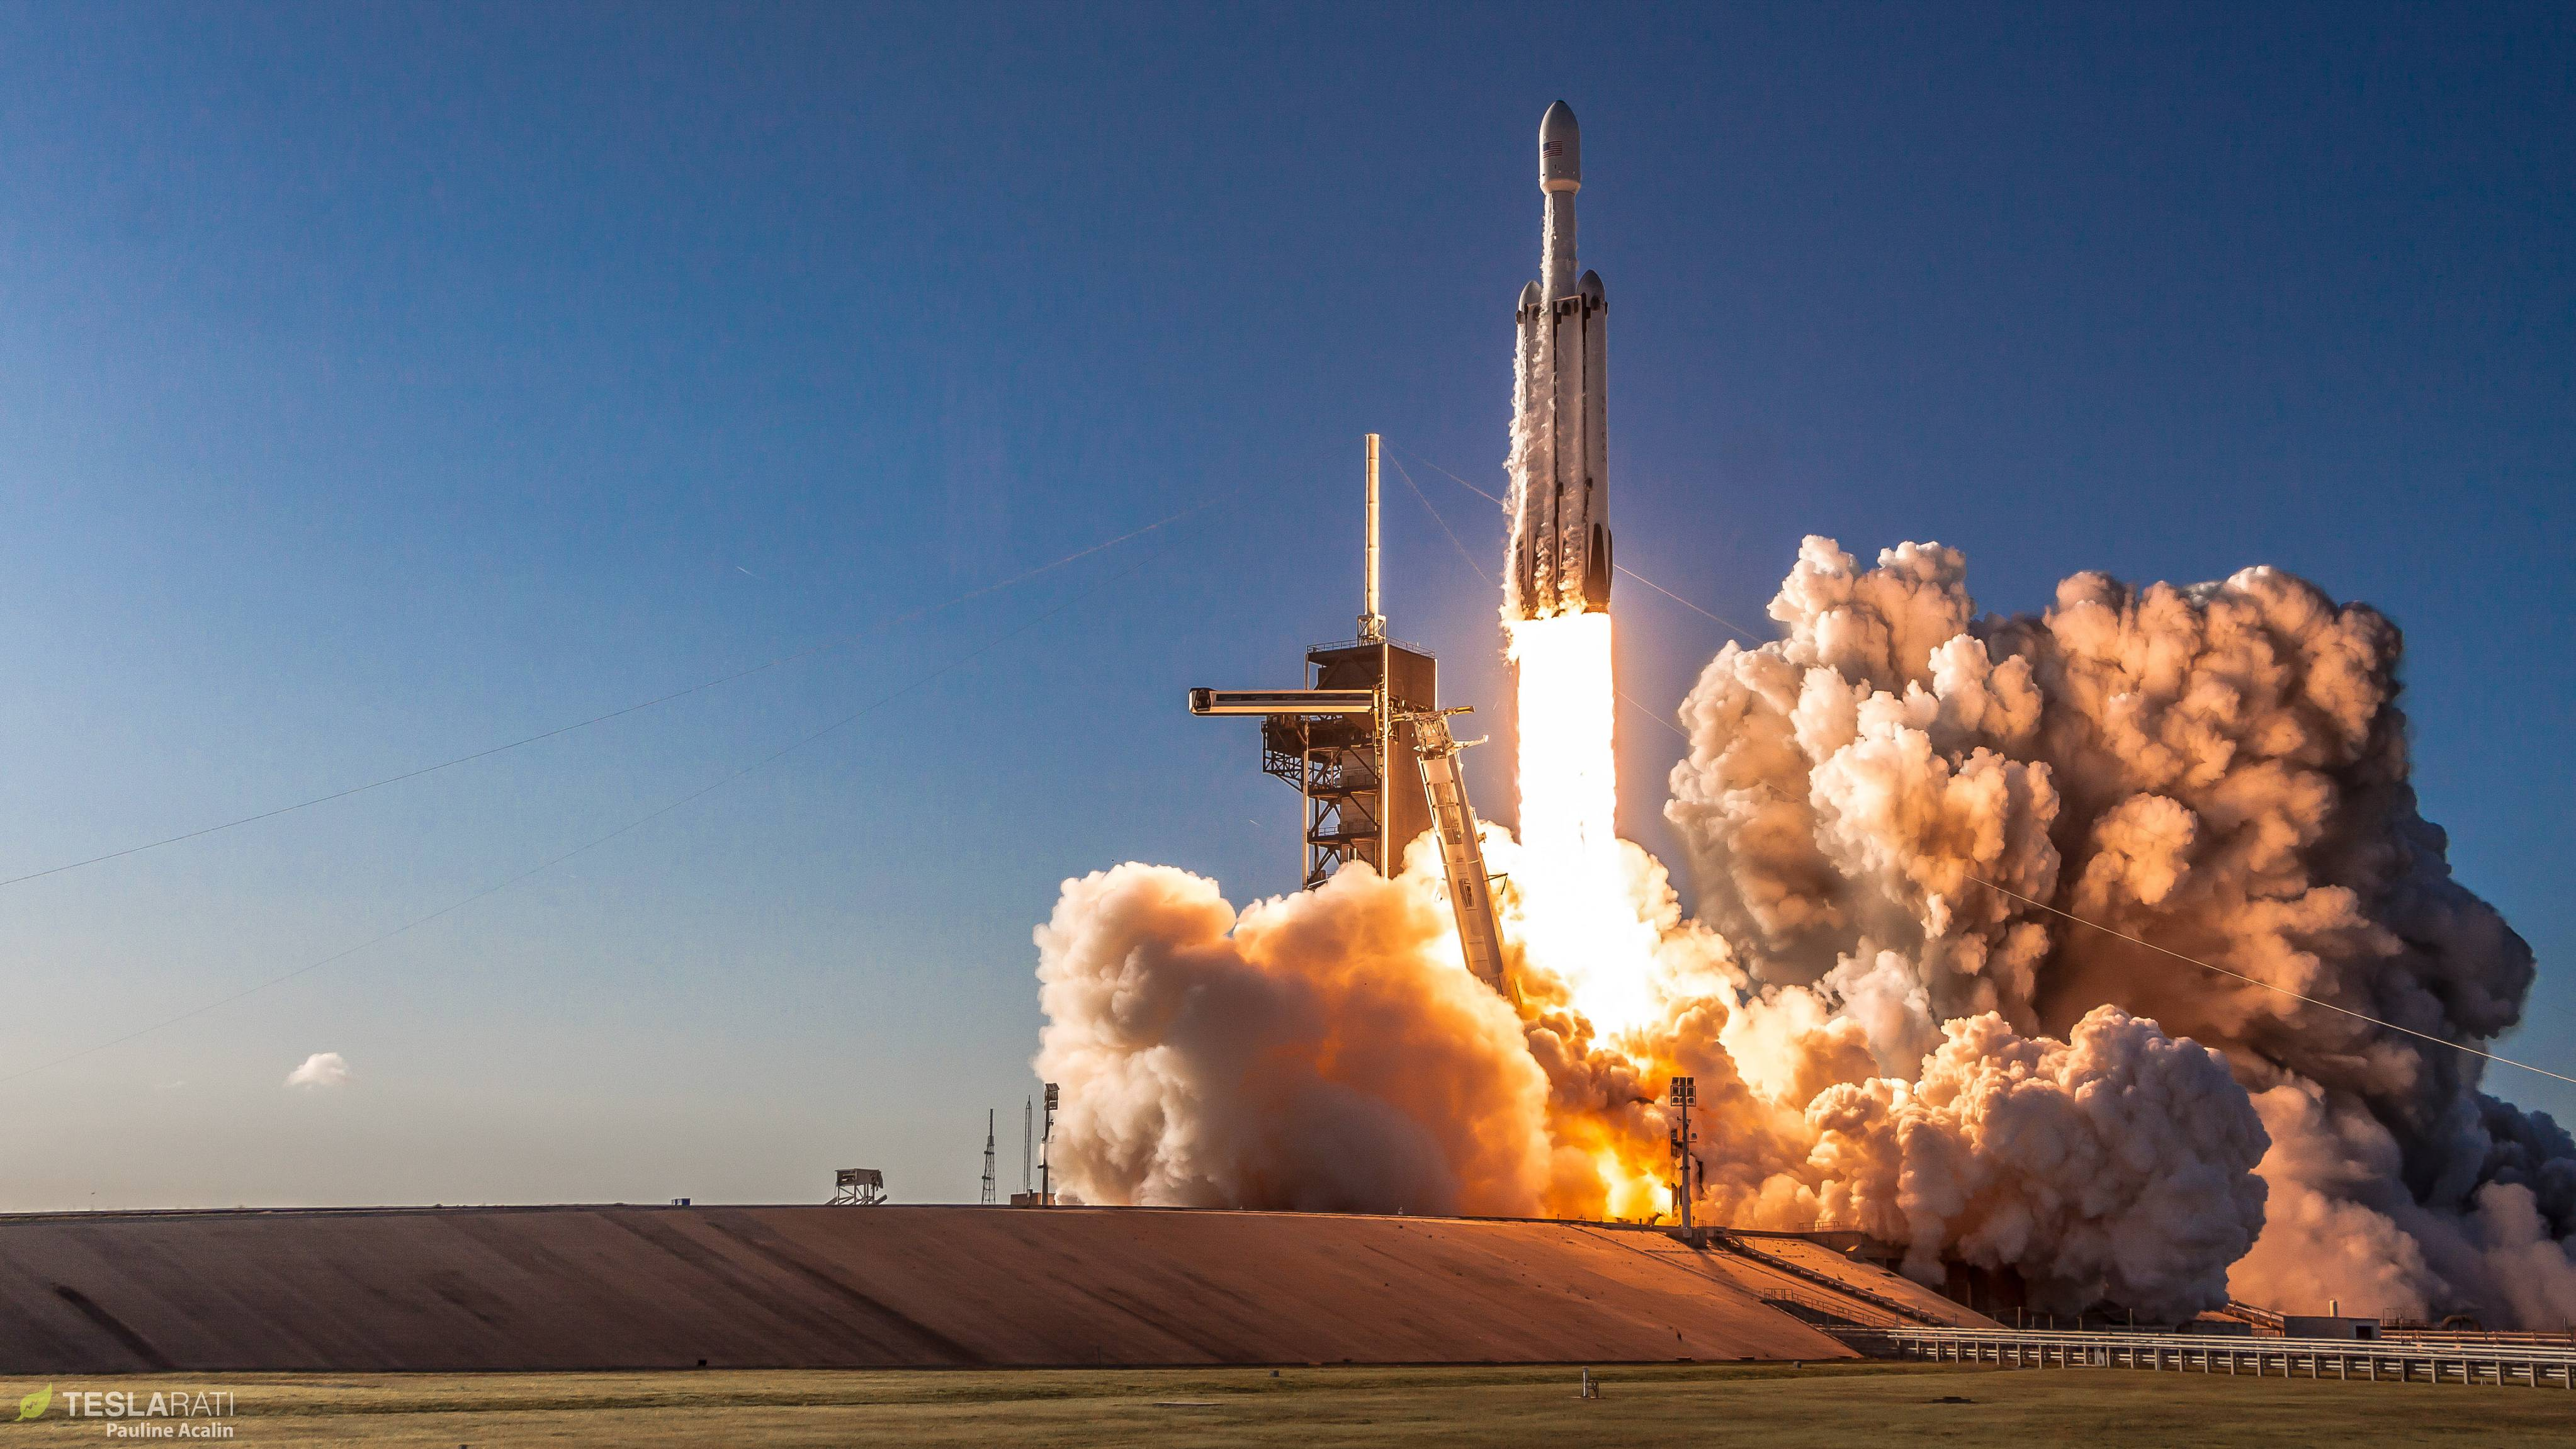 Obrázek: Chytání padajících částí vesmírných raket na vlnách oceánu: Dron natočil loď Elona Muska